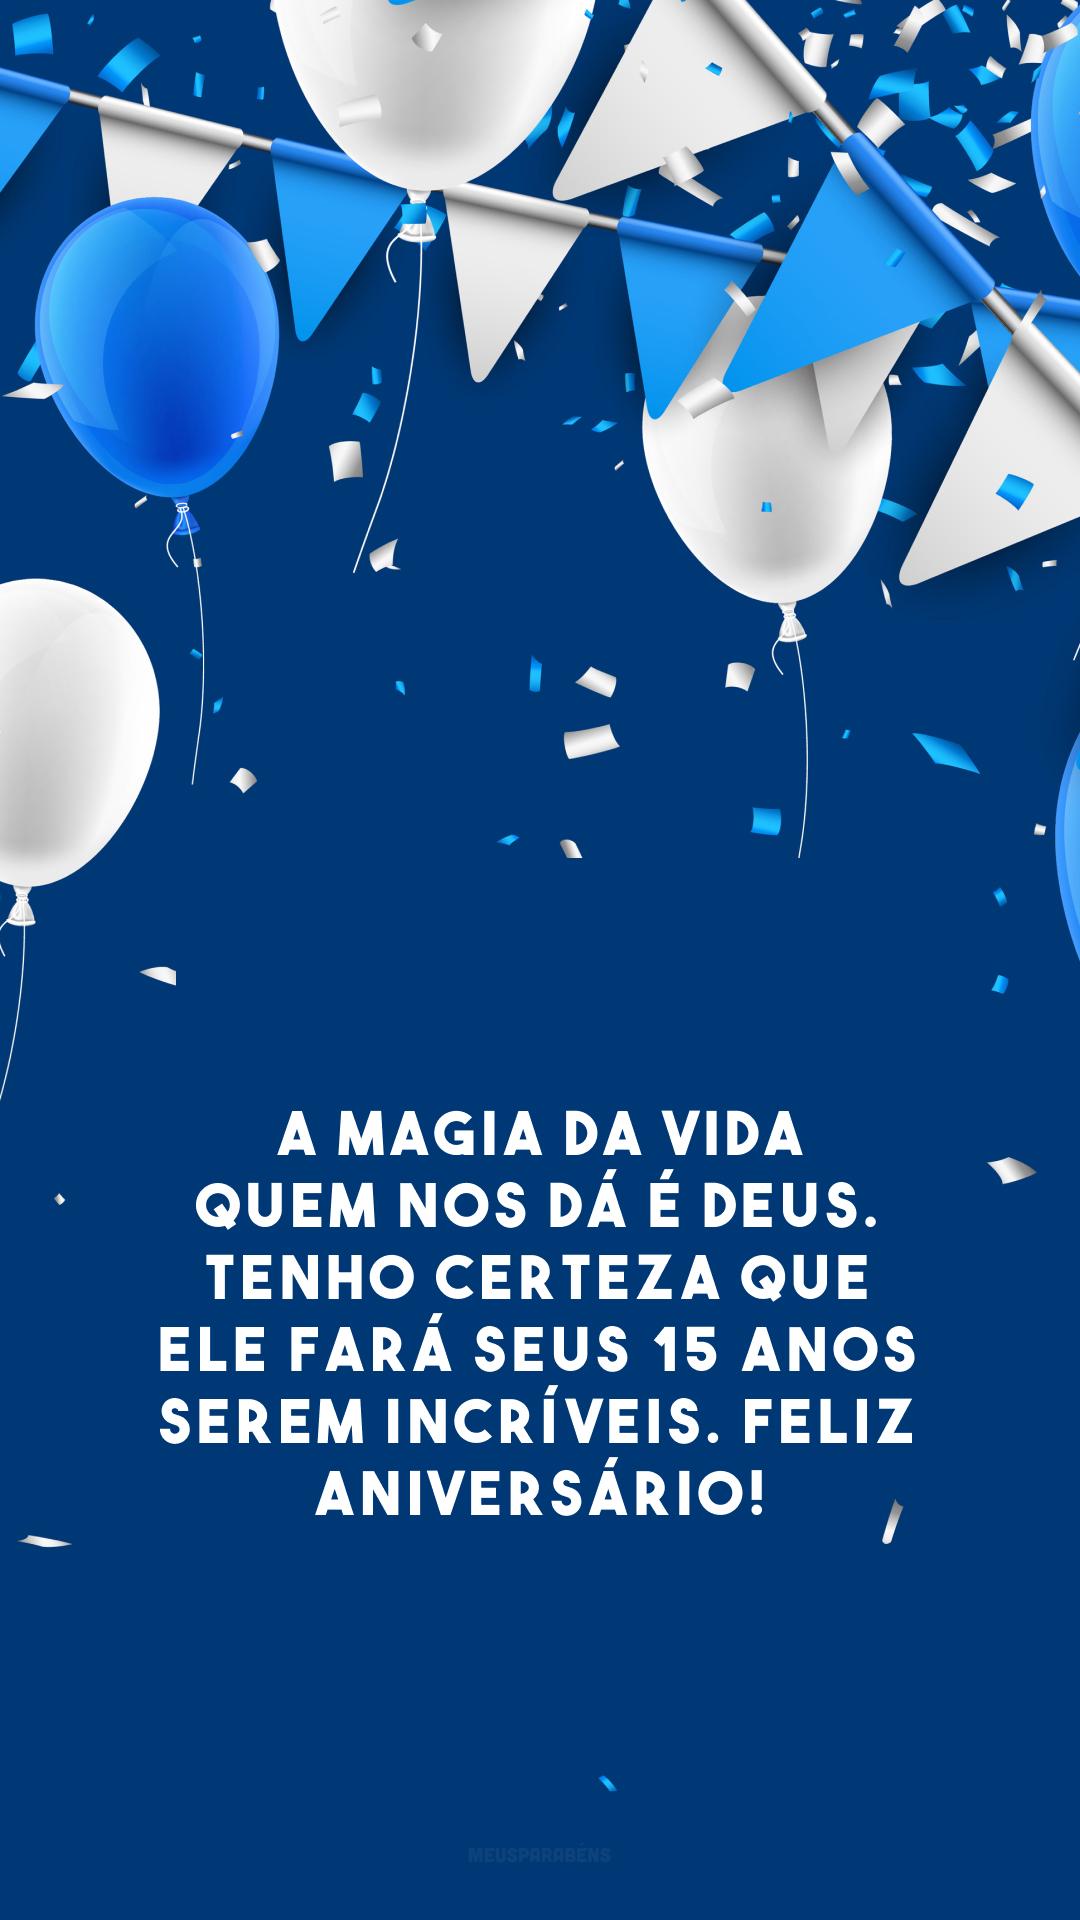 A magia da vida quem nos dá é Deus. Tenho certeza que Ele fará seus 15 anos serem incríveis. Feliz aniversário!